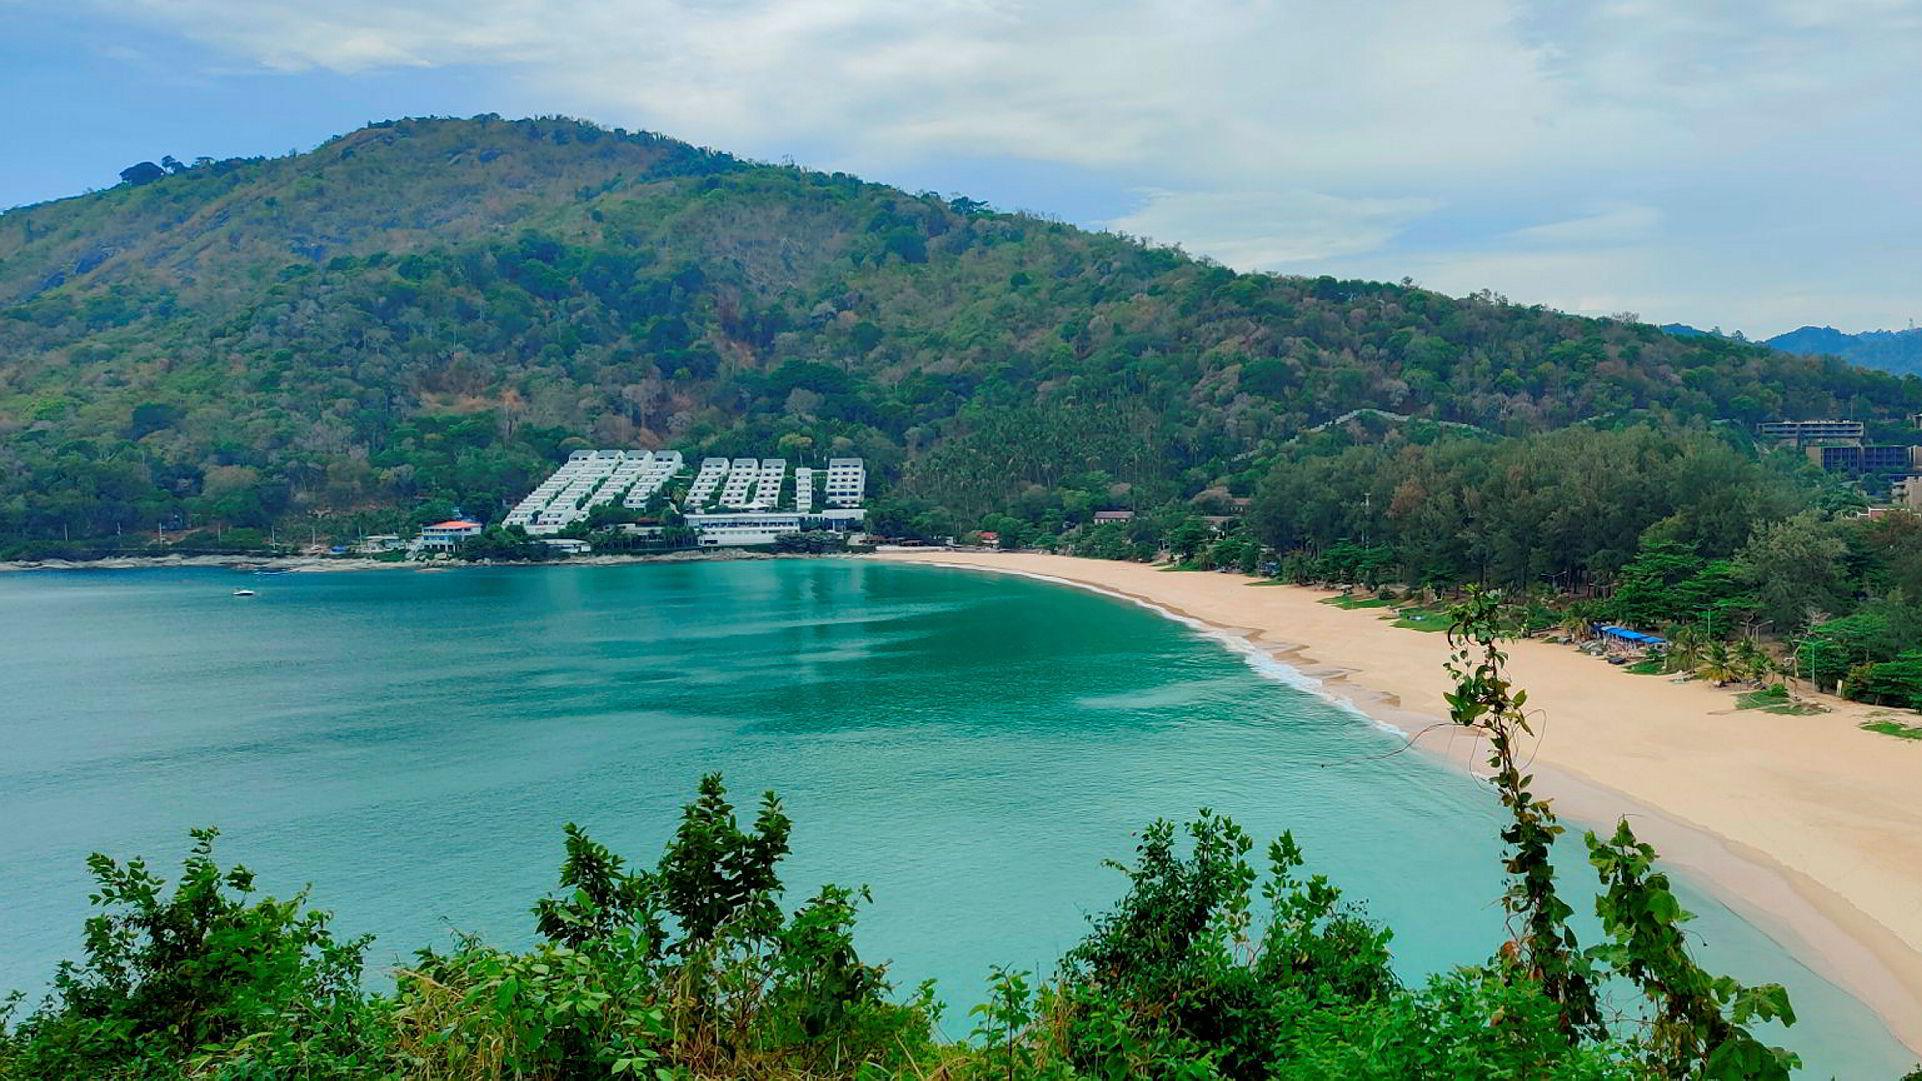 I 2019 var det over 40 millioner turister i Thailand. Nå er det tomme strender og stengte hoteller, blant annet ved Nai Harn-stranden i Phuket.